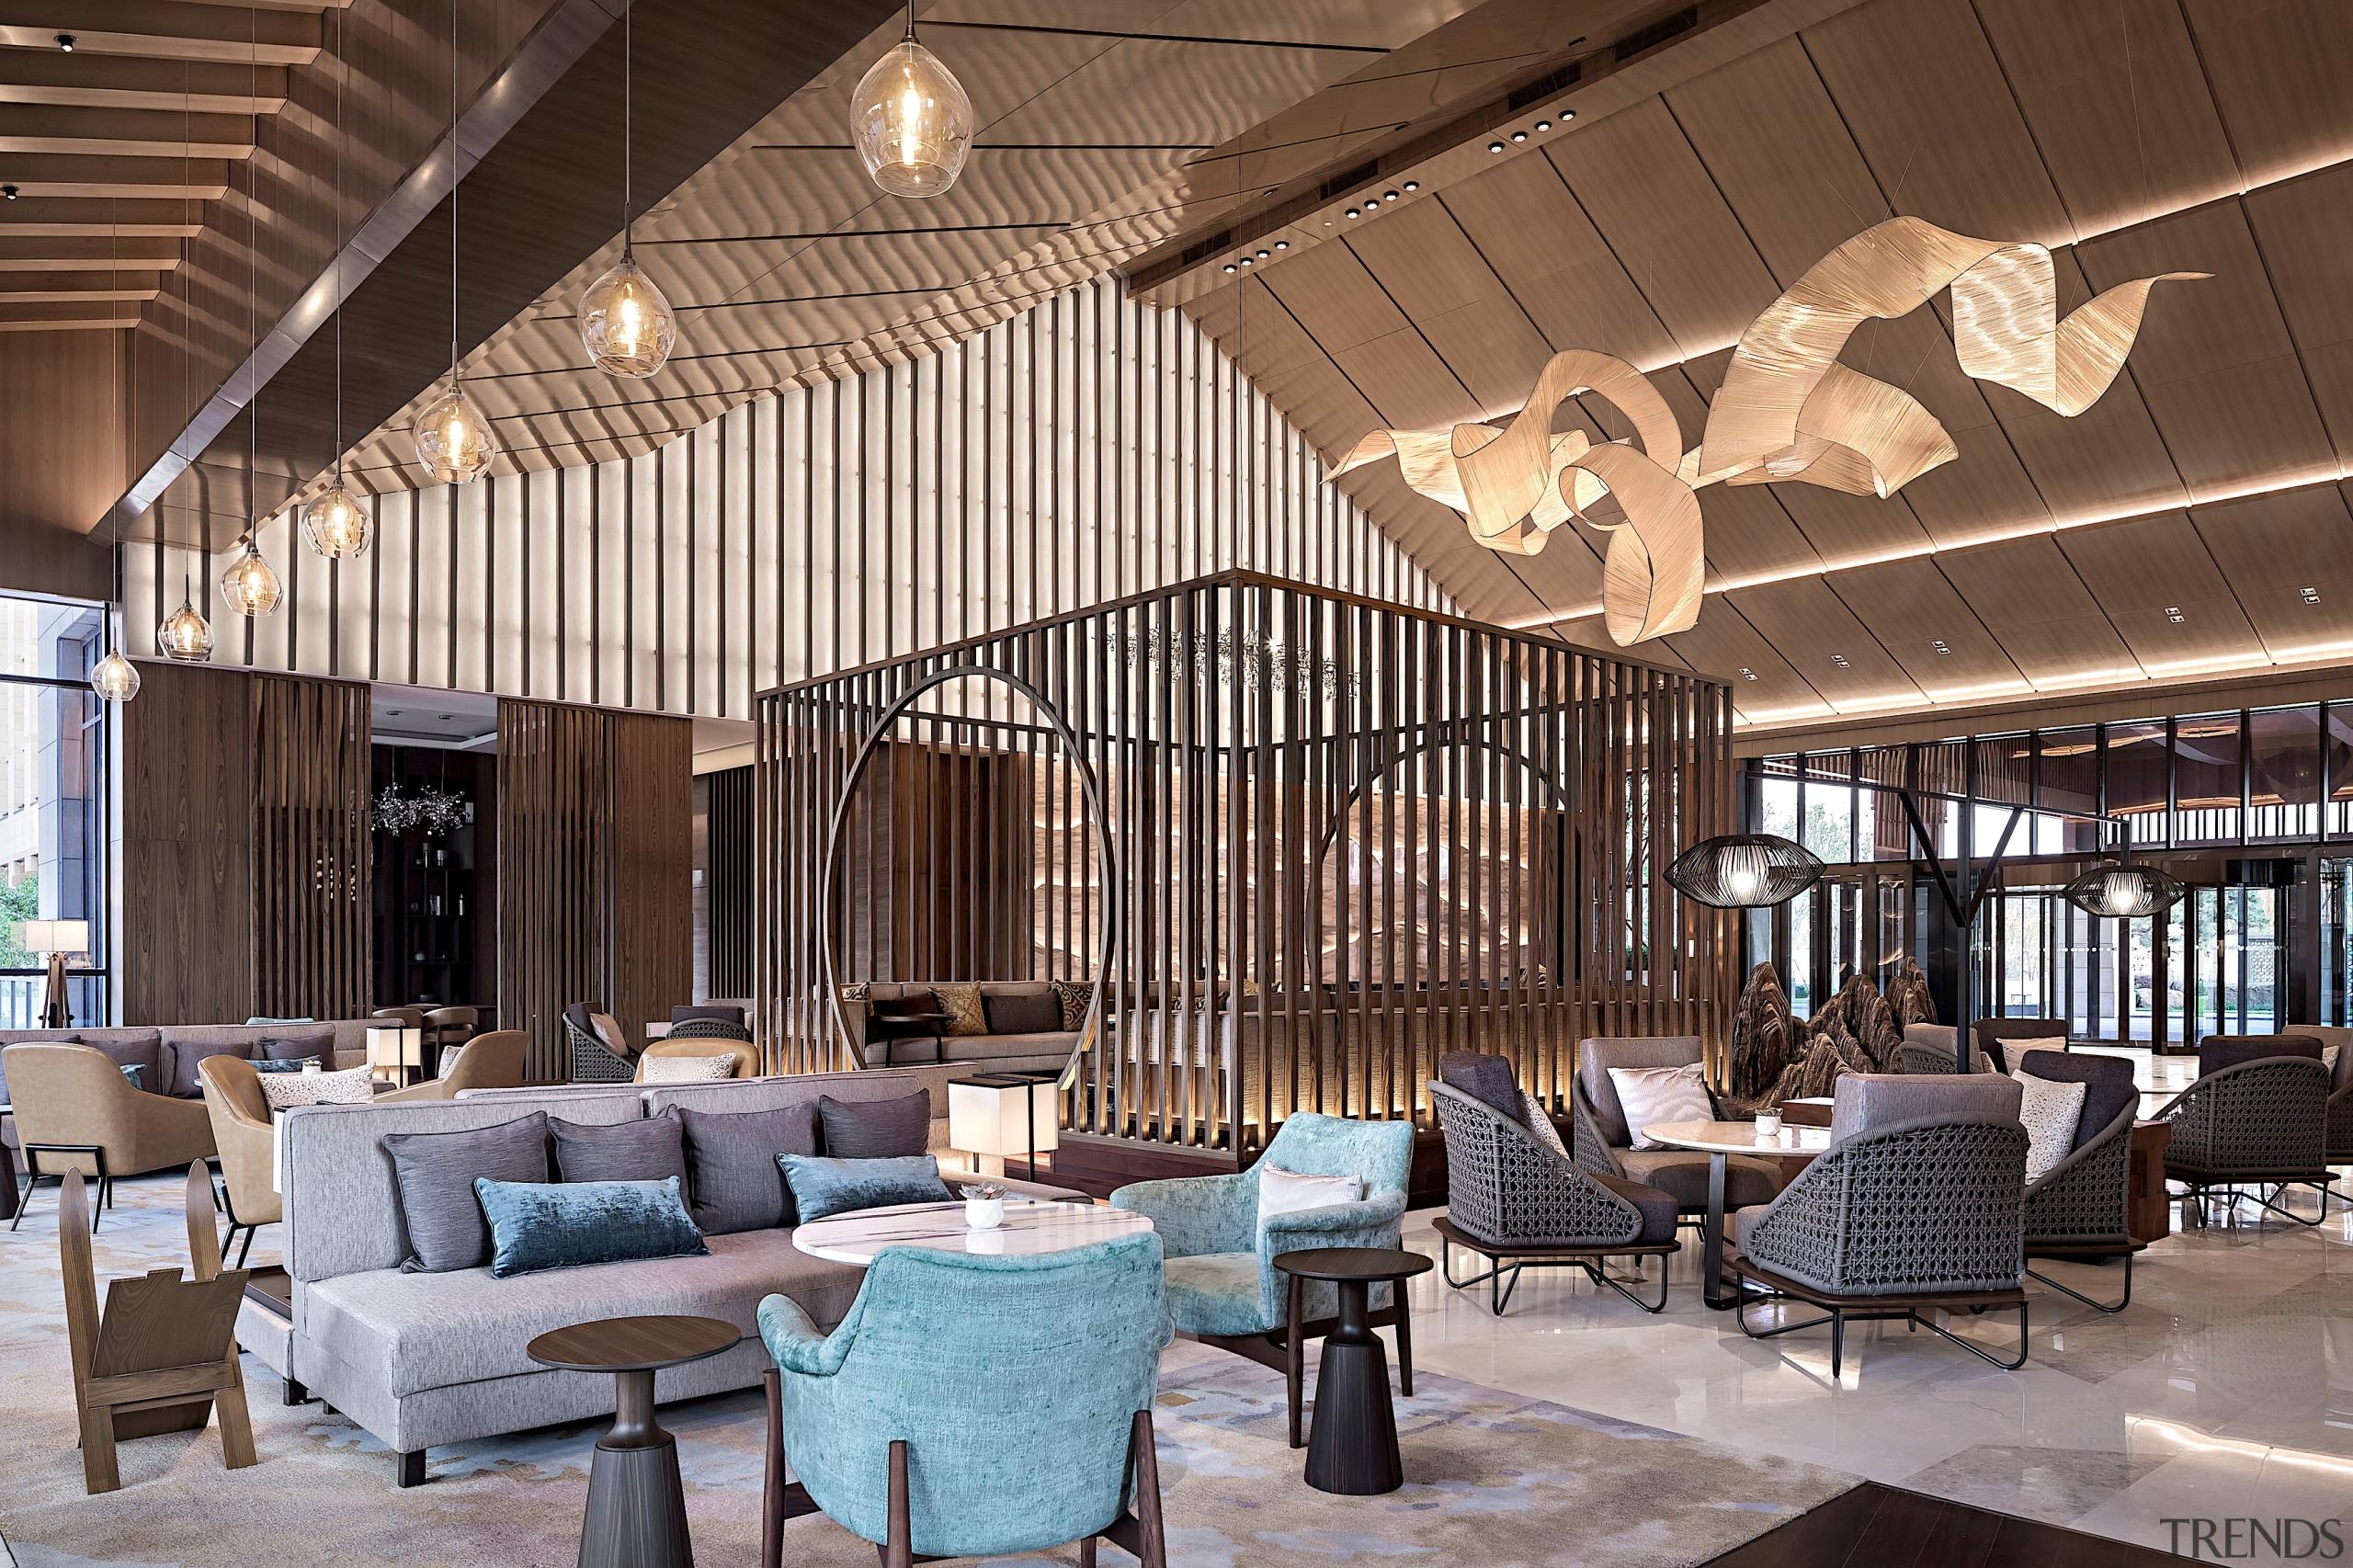 The Lobby Lounge at the Hyatt Regency Beijing